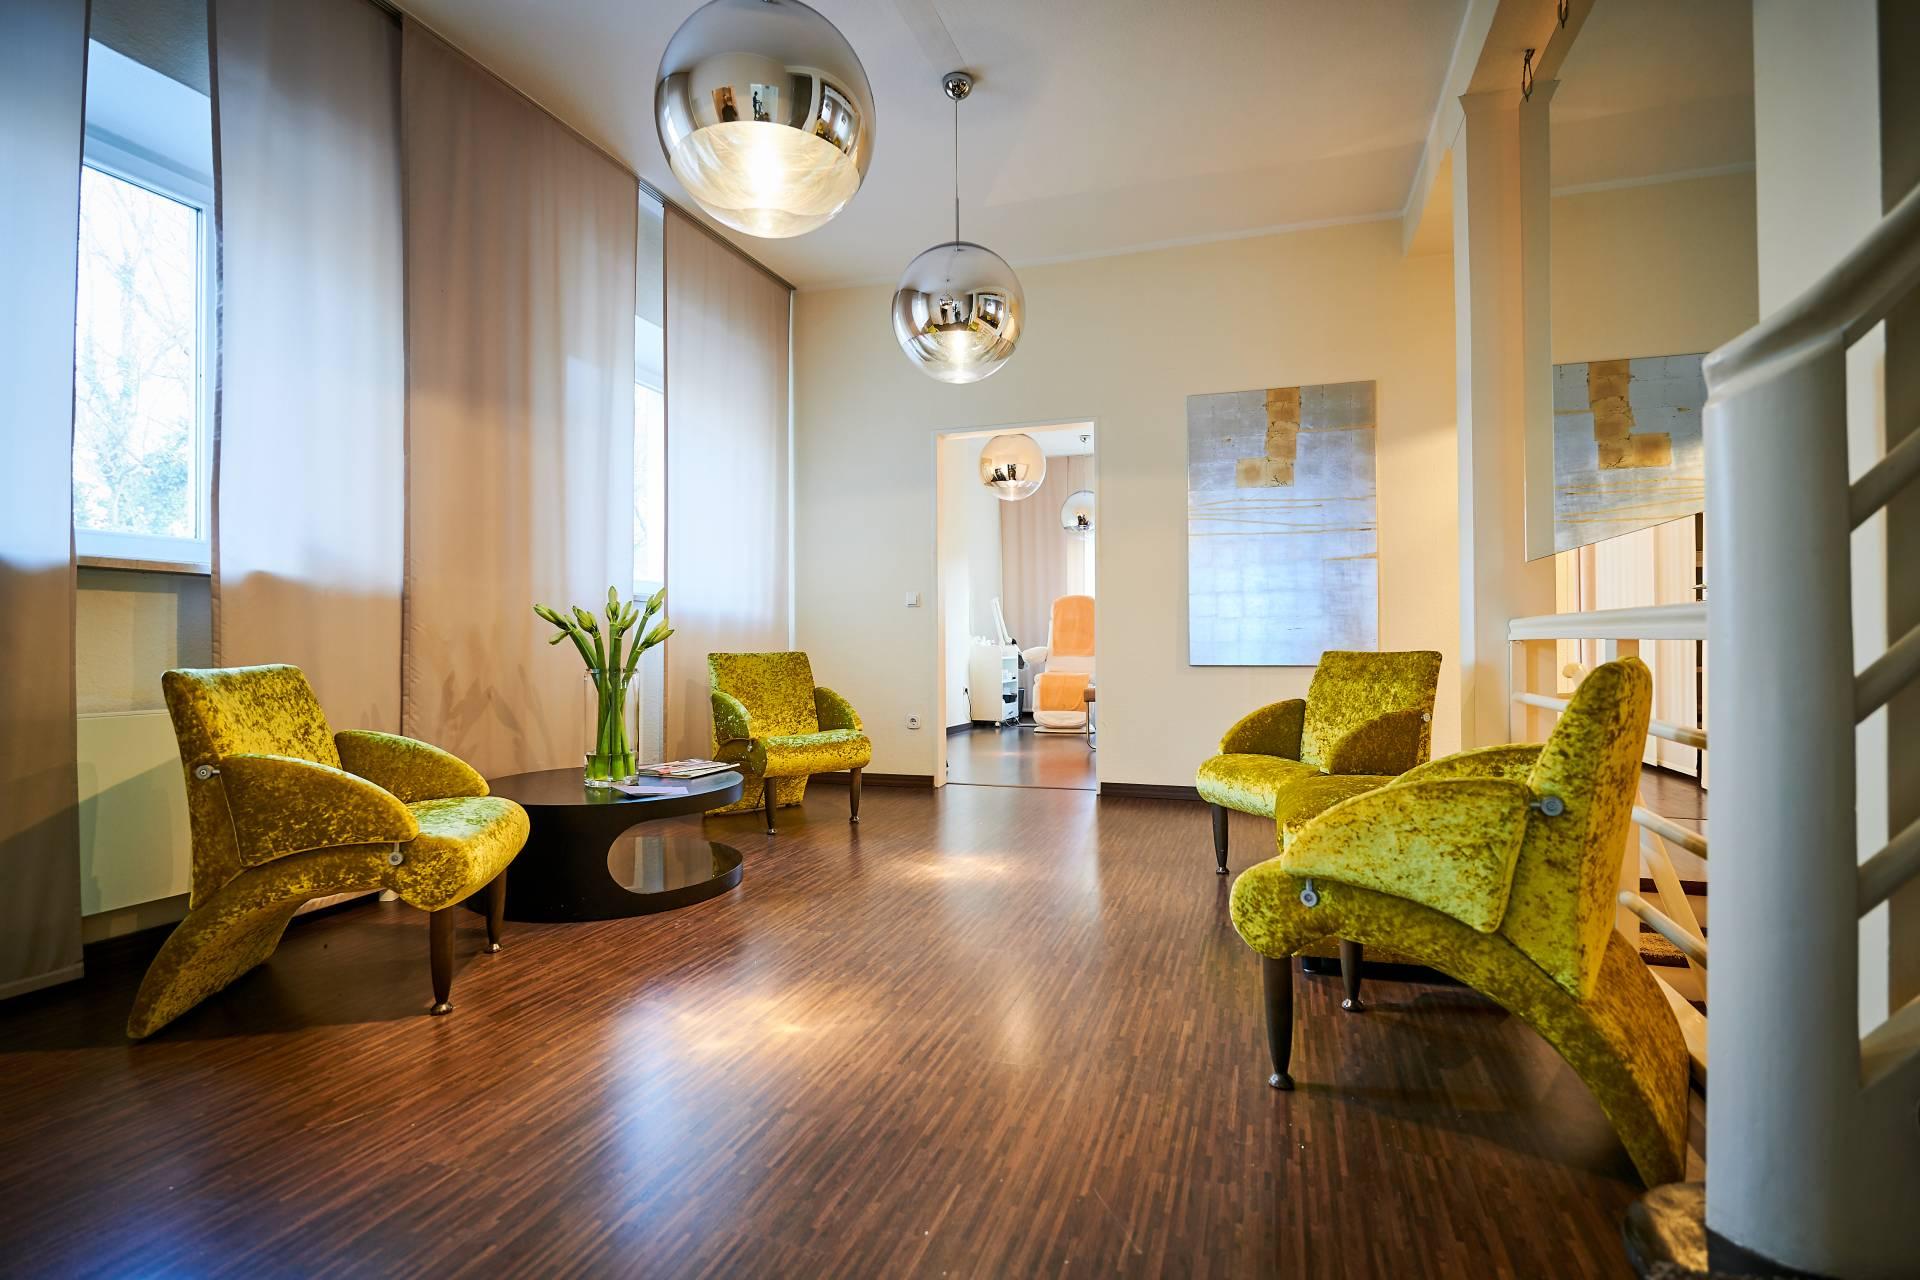 Wartenbereich der Facharztpraxis für Plastische & Ästhetische Chirurgie im Schönheitszentrum Straubing